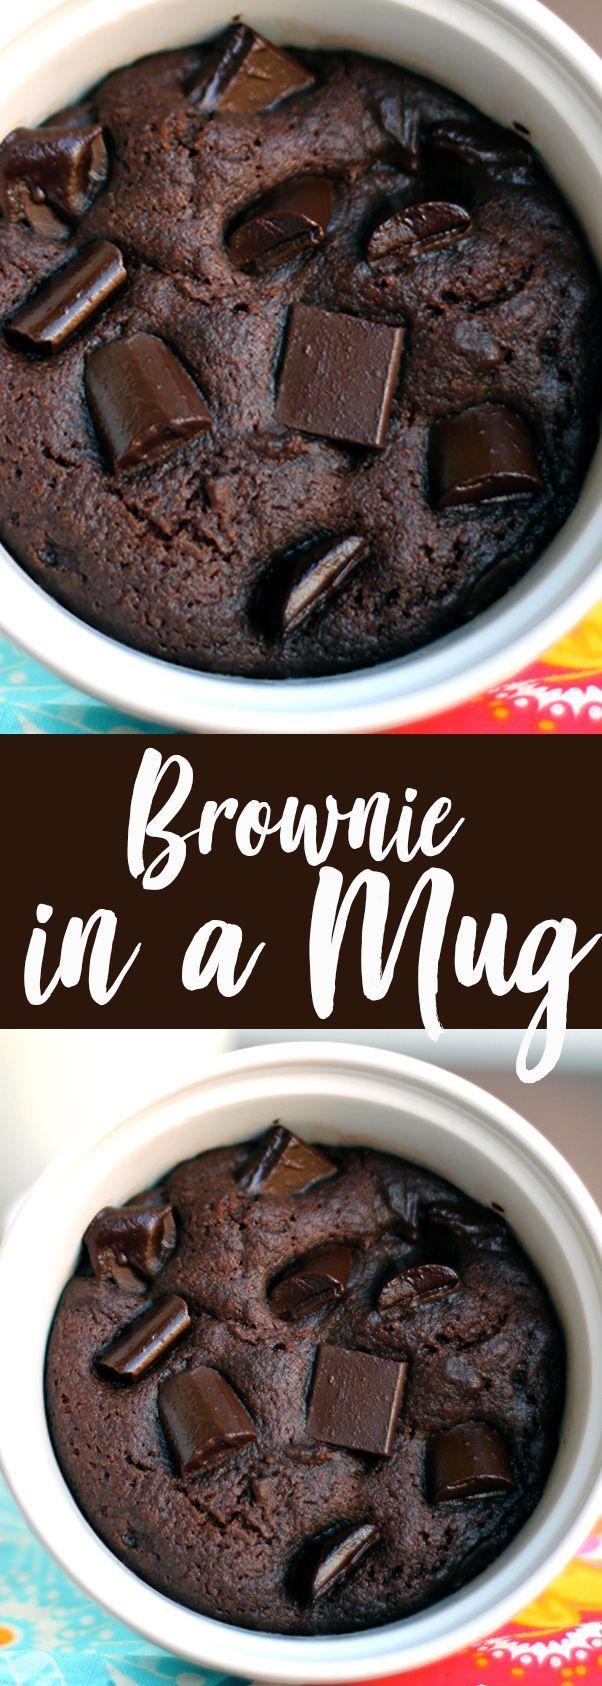 Microwave Brownie in a Mug